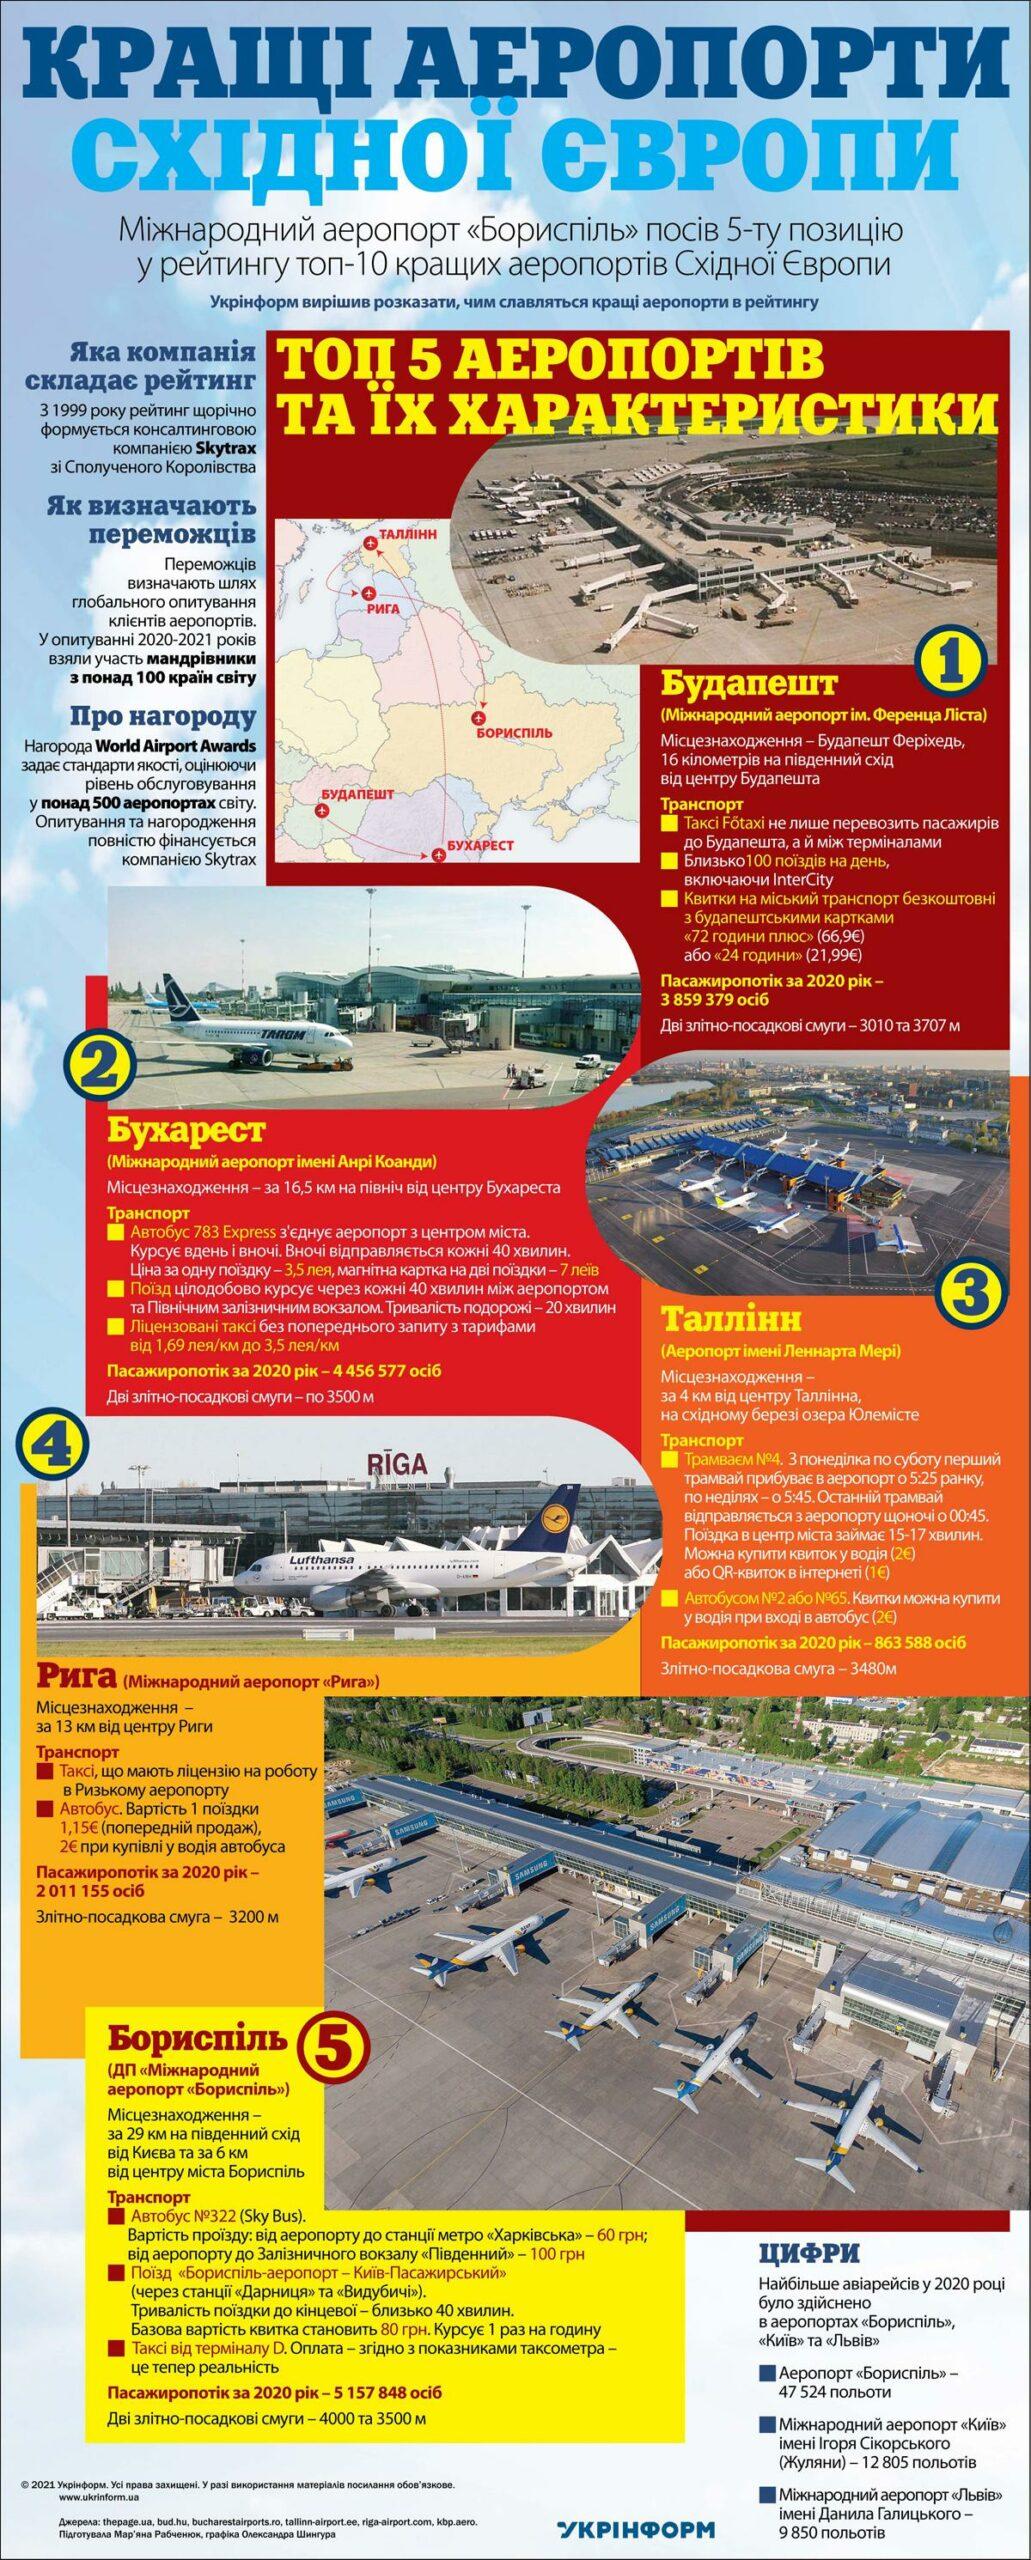 список найкращих аеропортів світу